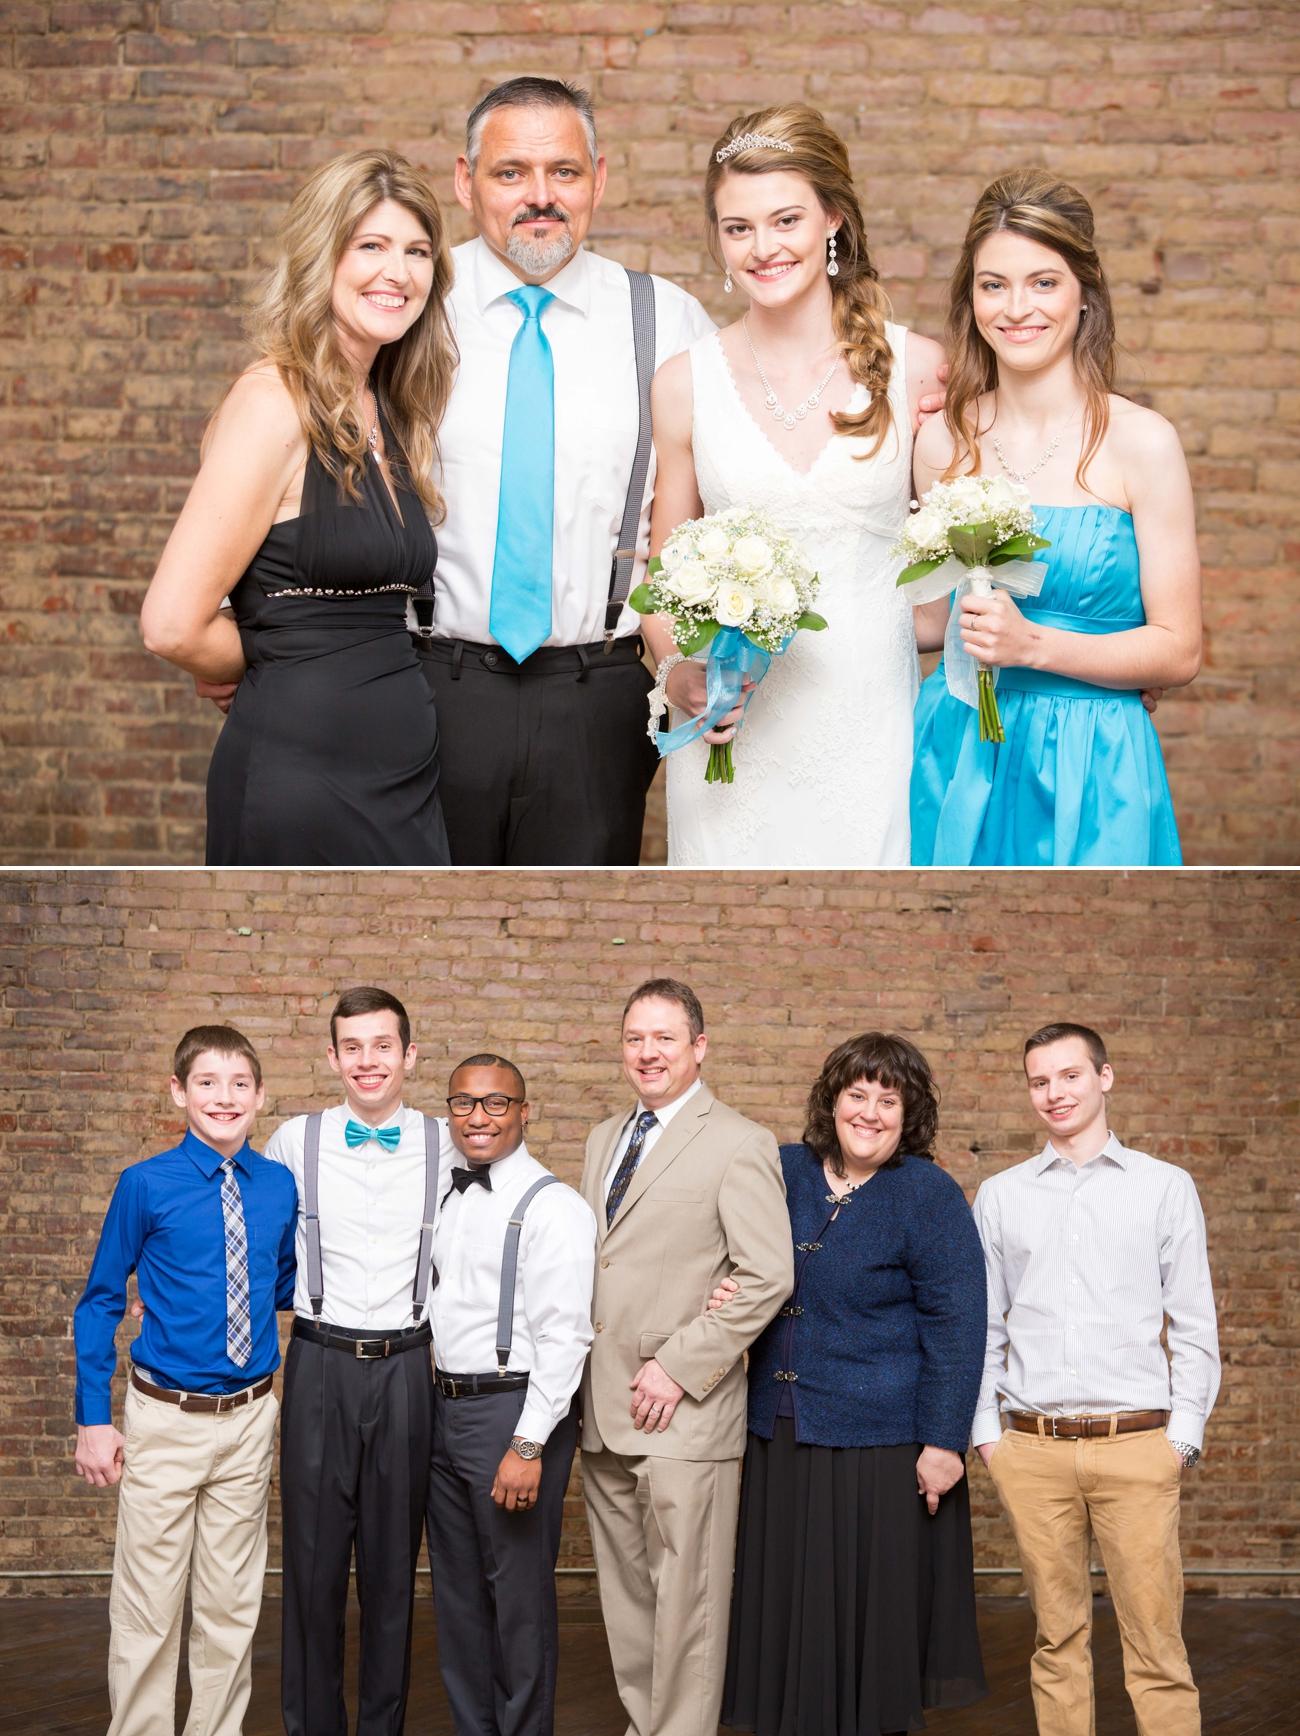 Hall wedding 13.jpg